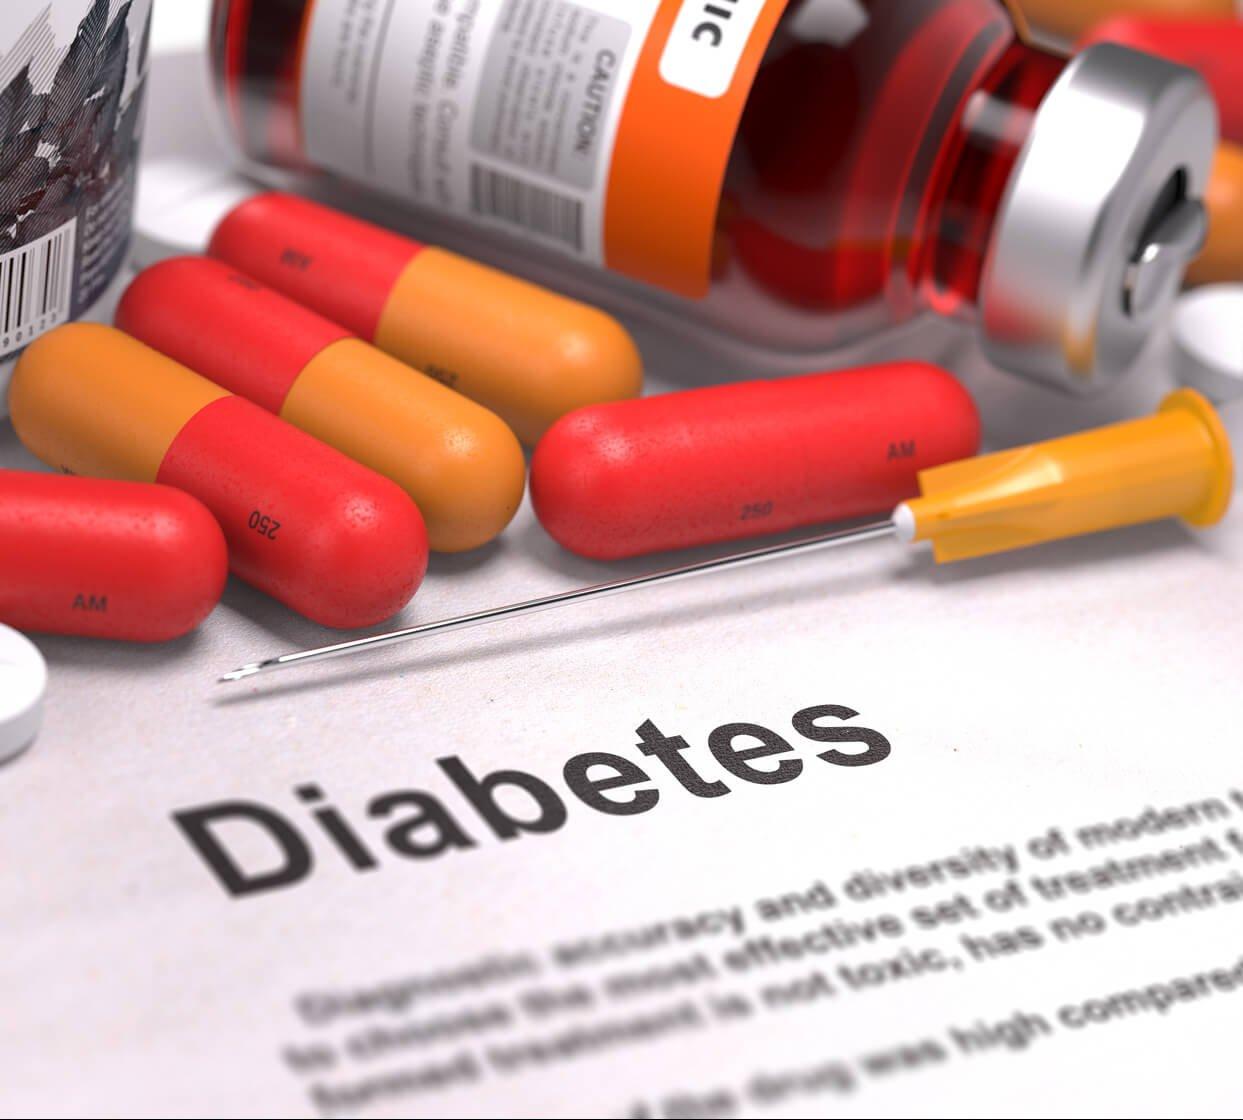 La diabetes: tipos, prevención y control de la enfermedad